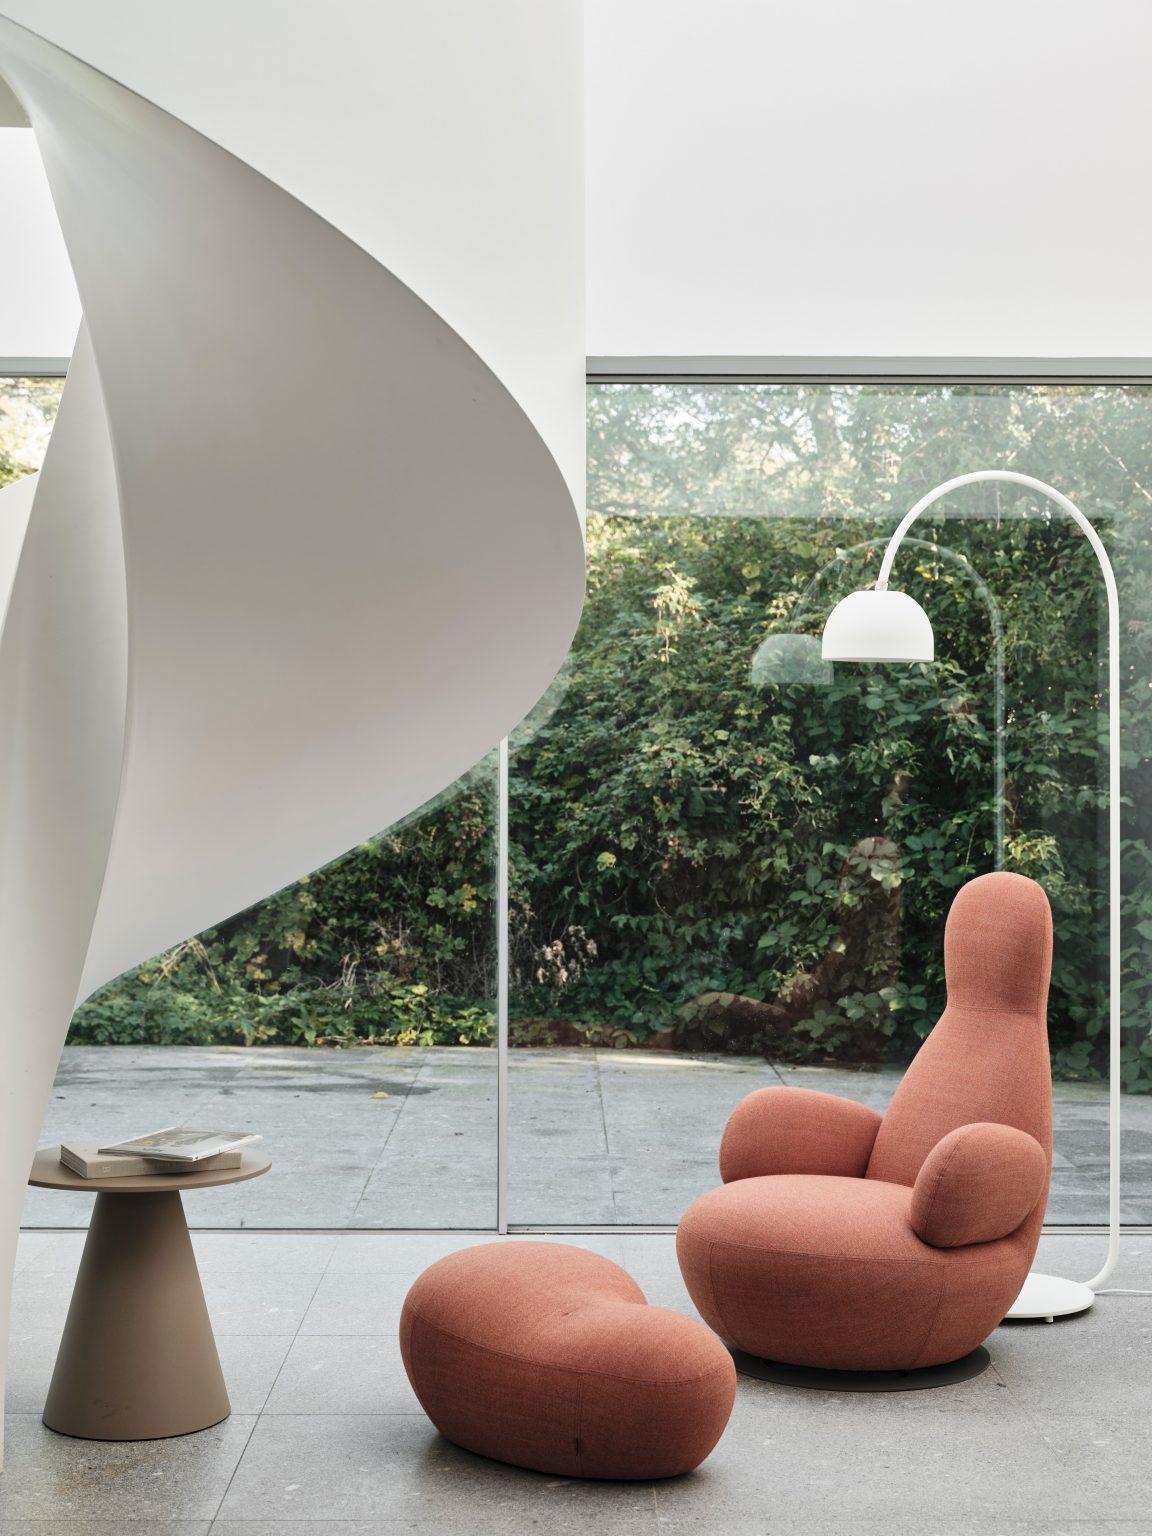 Biennale Interieur - Belgium's leading design and interior event - 1oppo_09.jpg